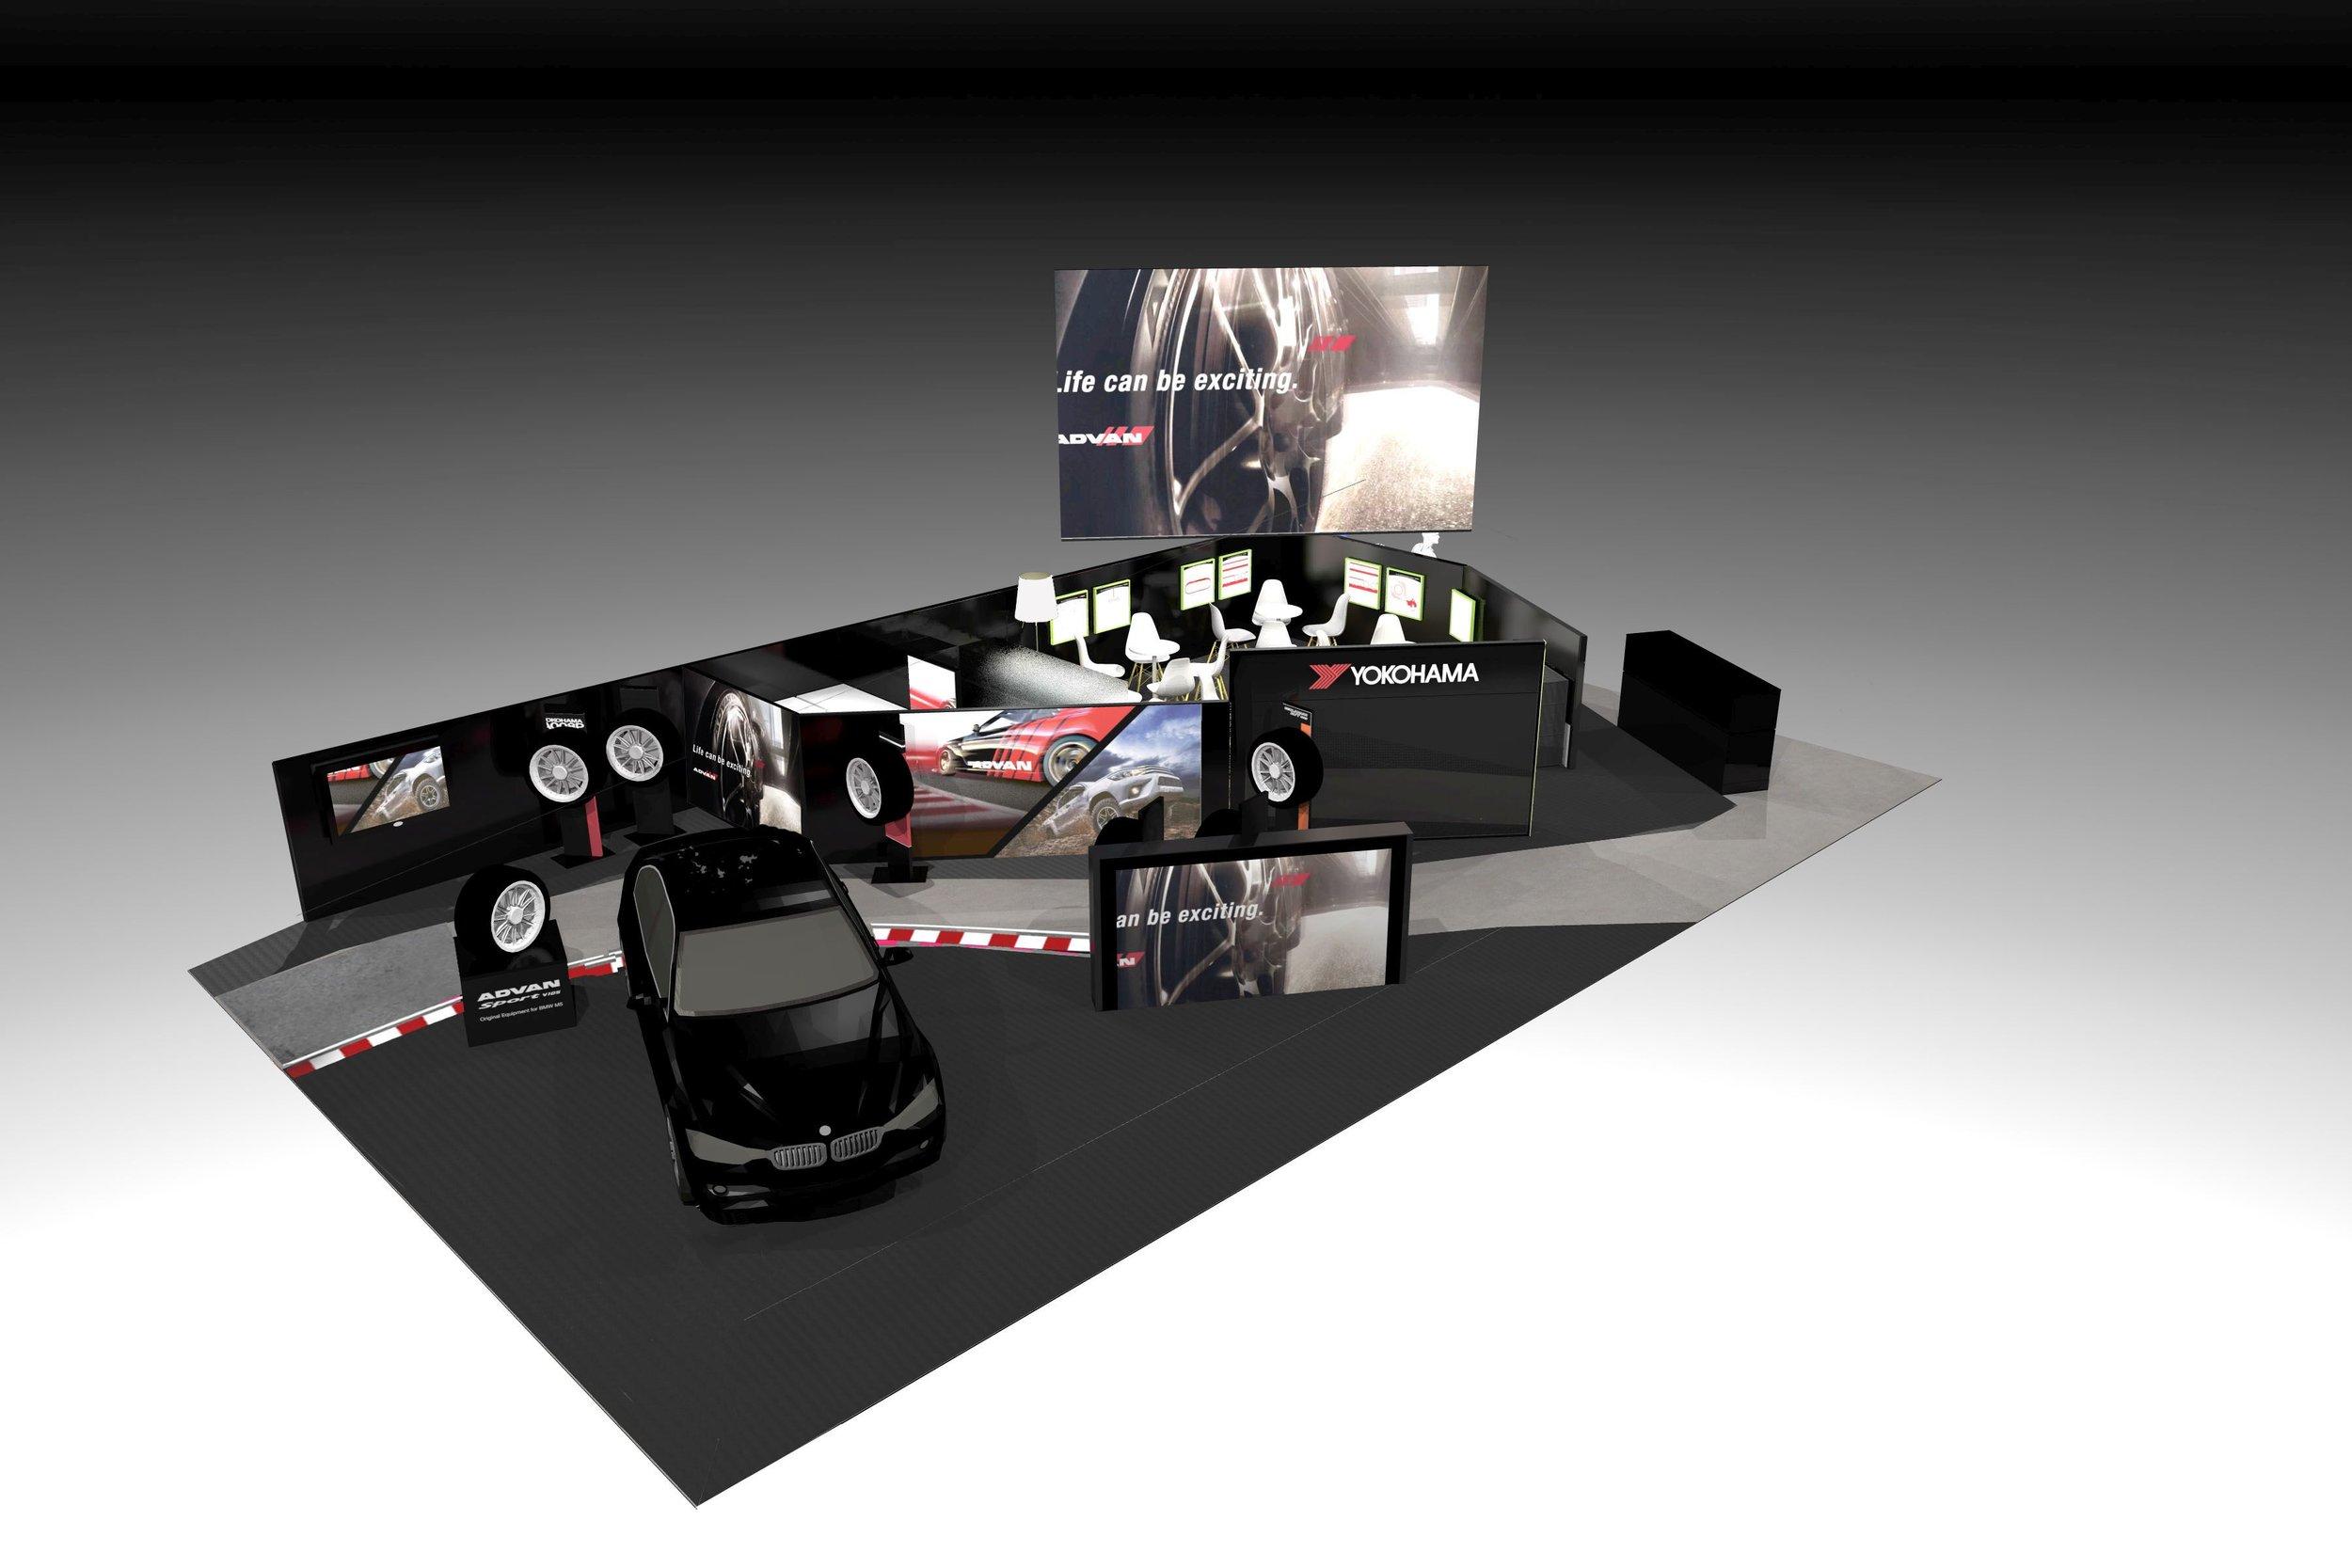 YOKOHAMA Messestand Halle 4 Stand 4231 auf der Genfer Motorshow 2018